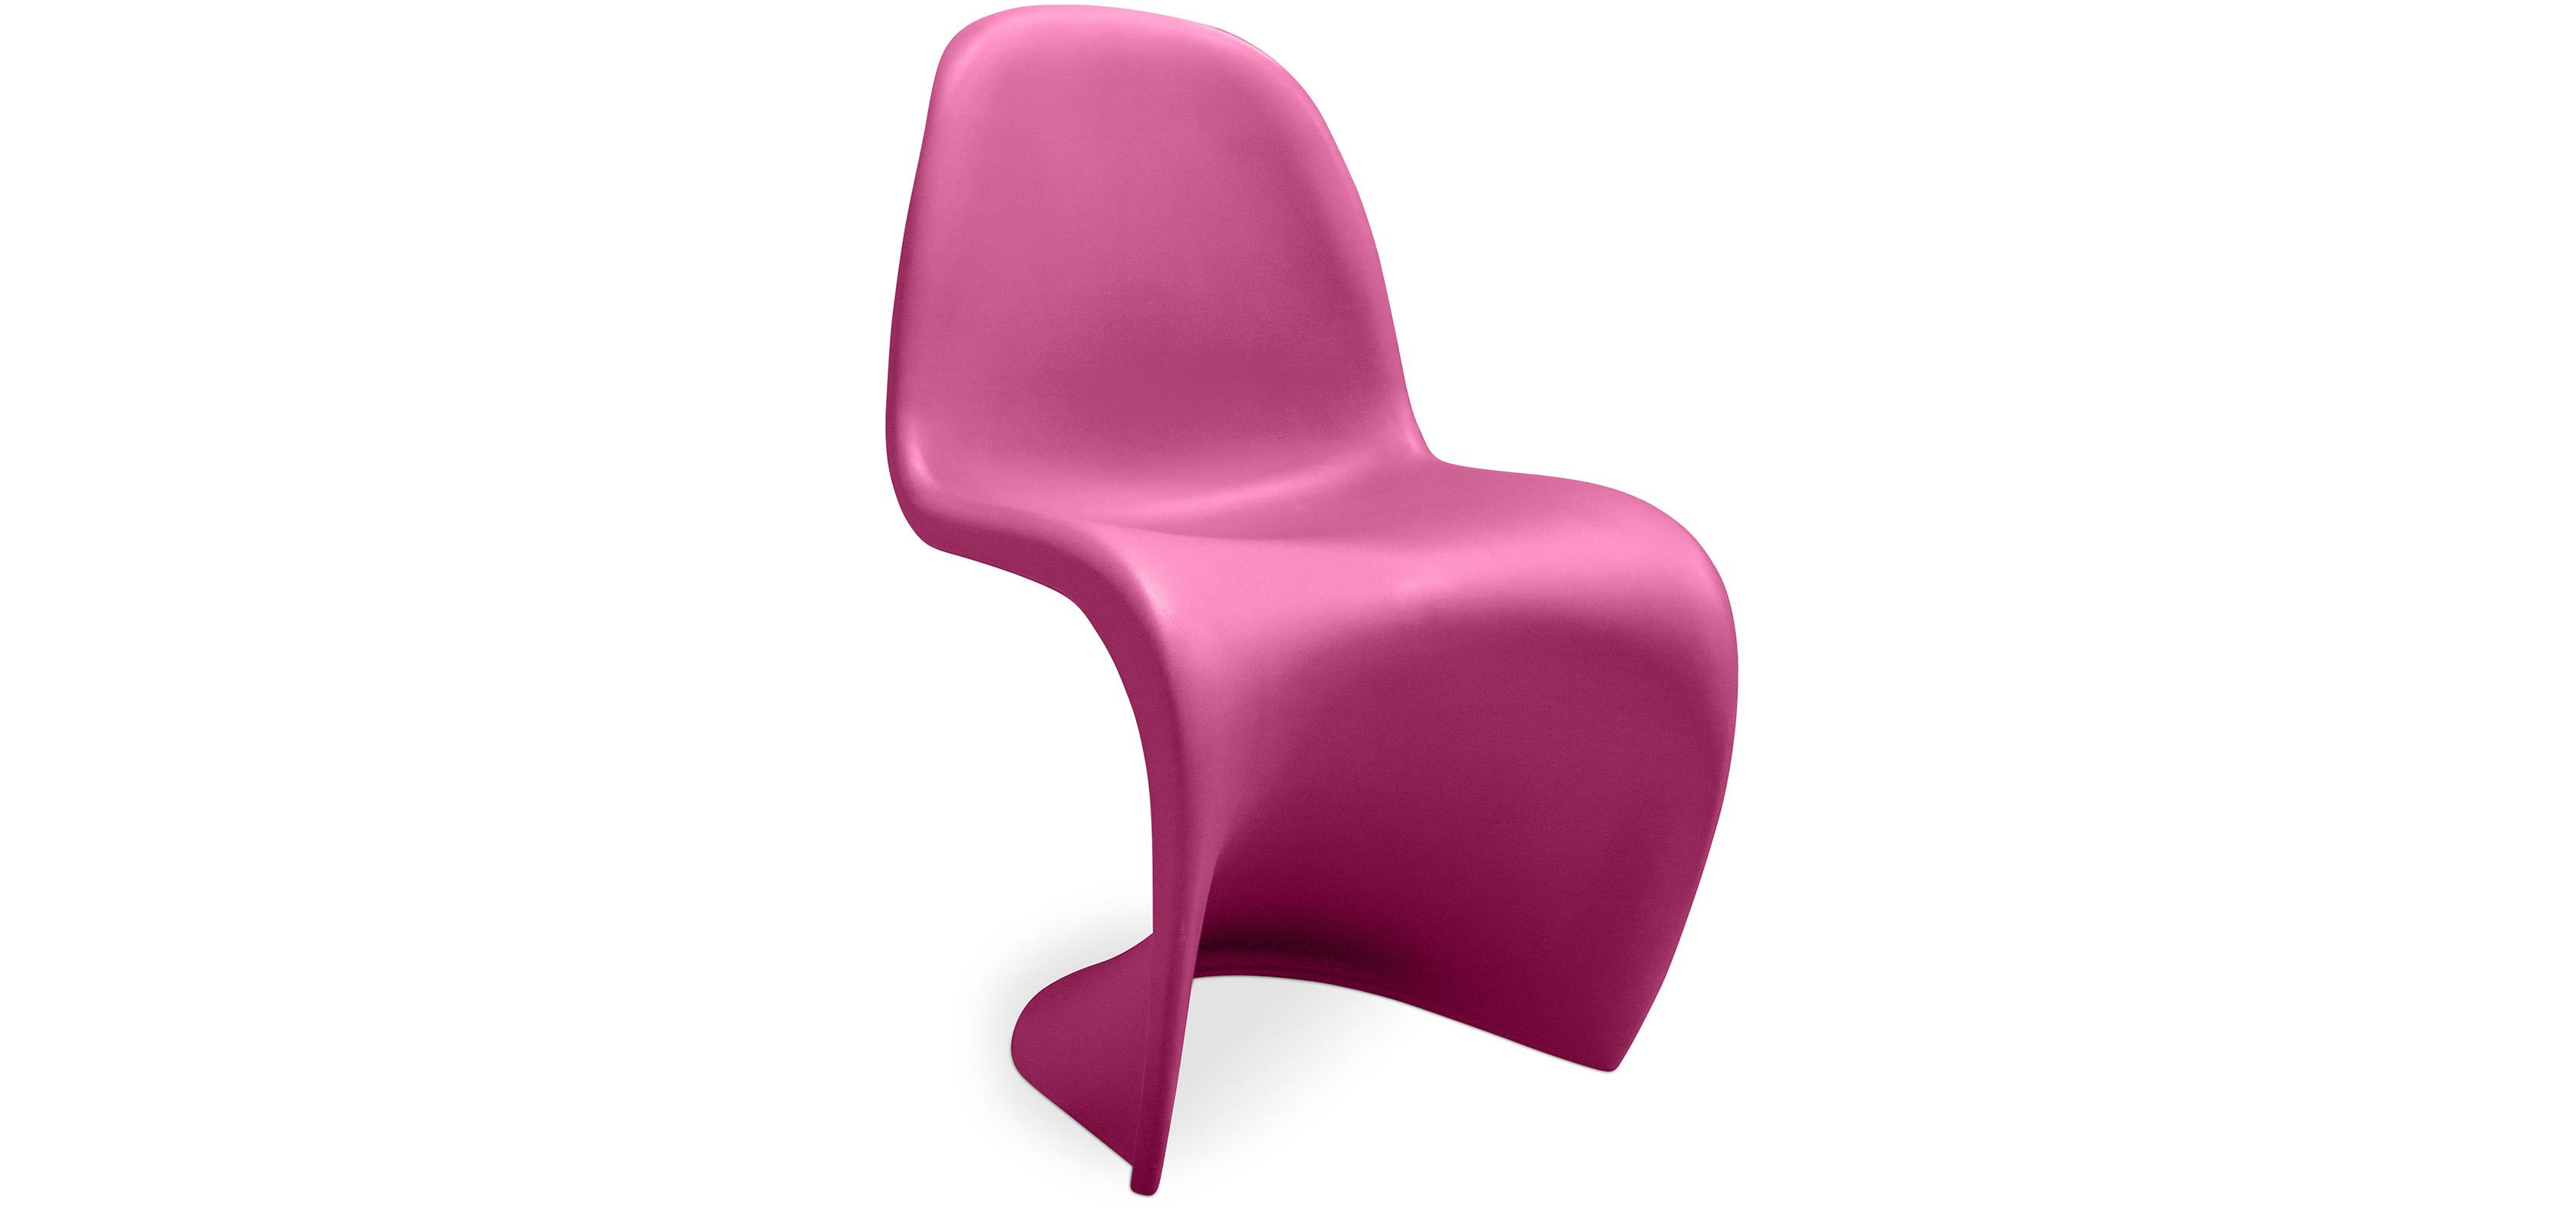 Chaise panton junior fabulous housses de chaise housses for Chaise junior ikea